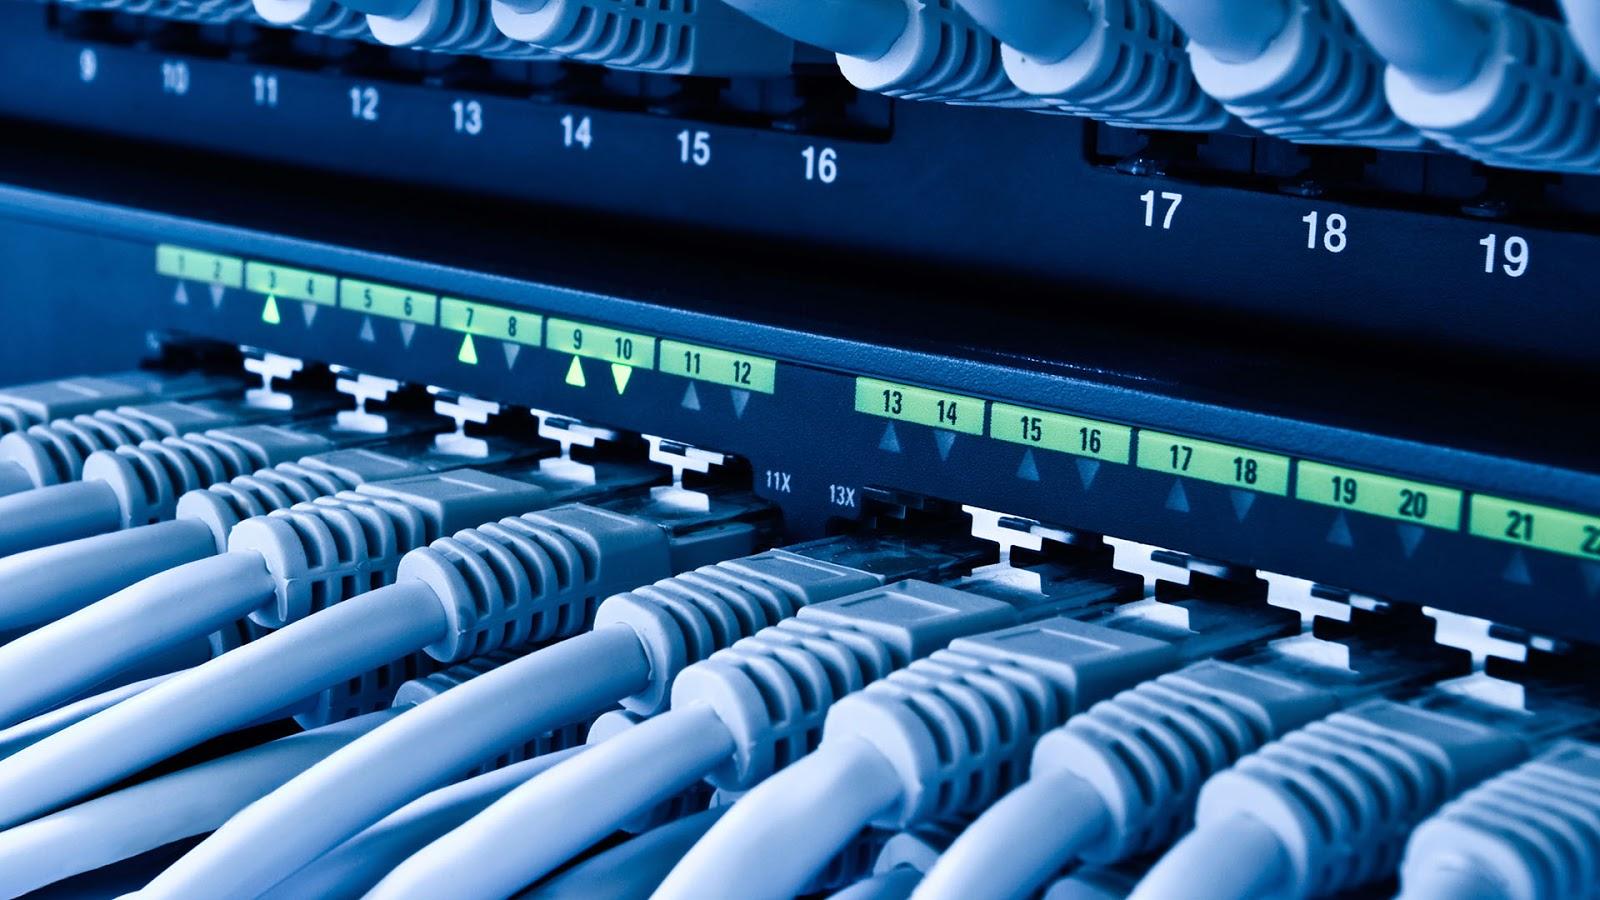 Drops :: Encontrando servidores DHCP, DNS e routers da rede com NMAP